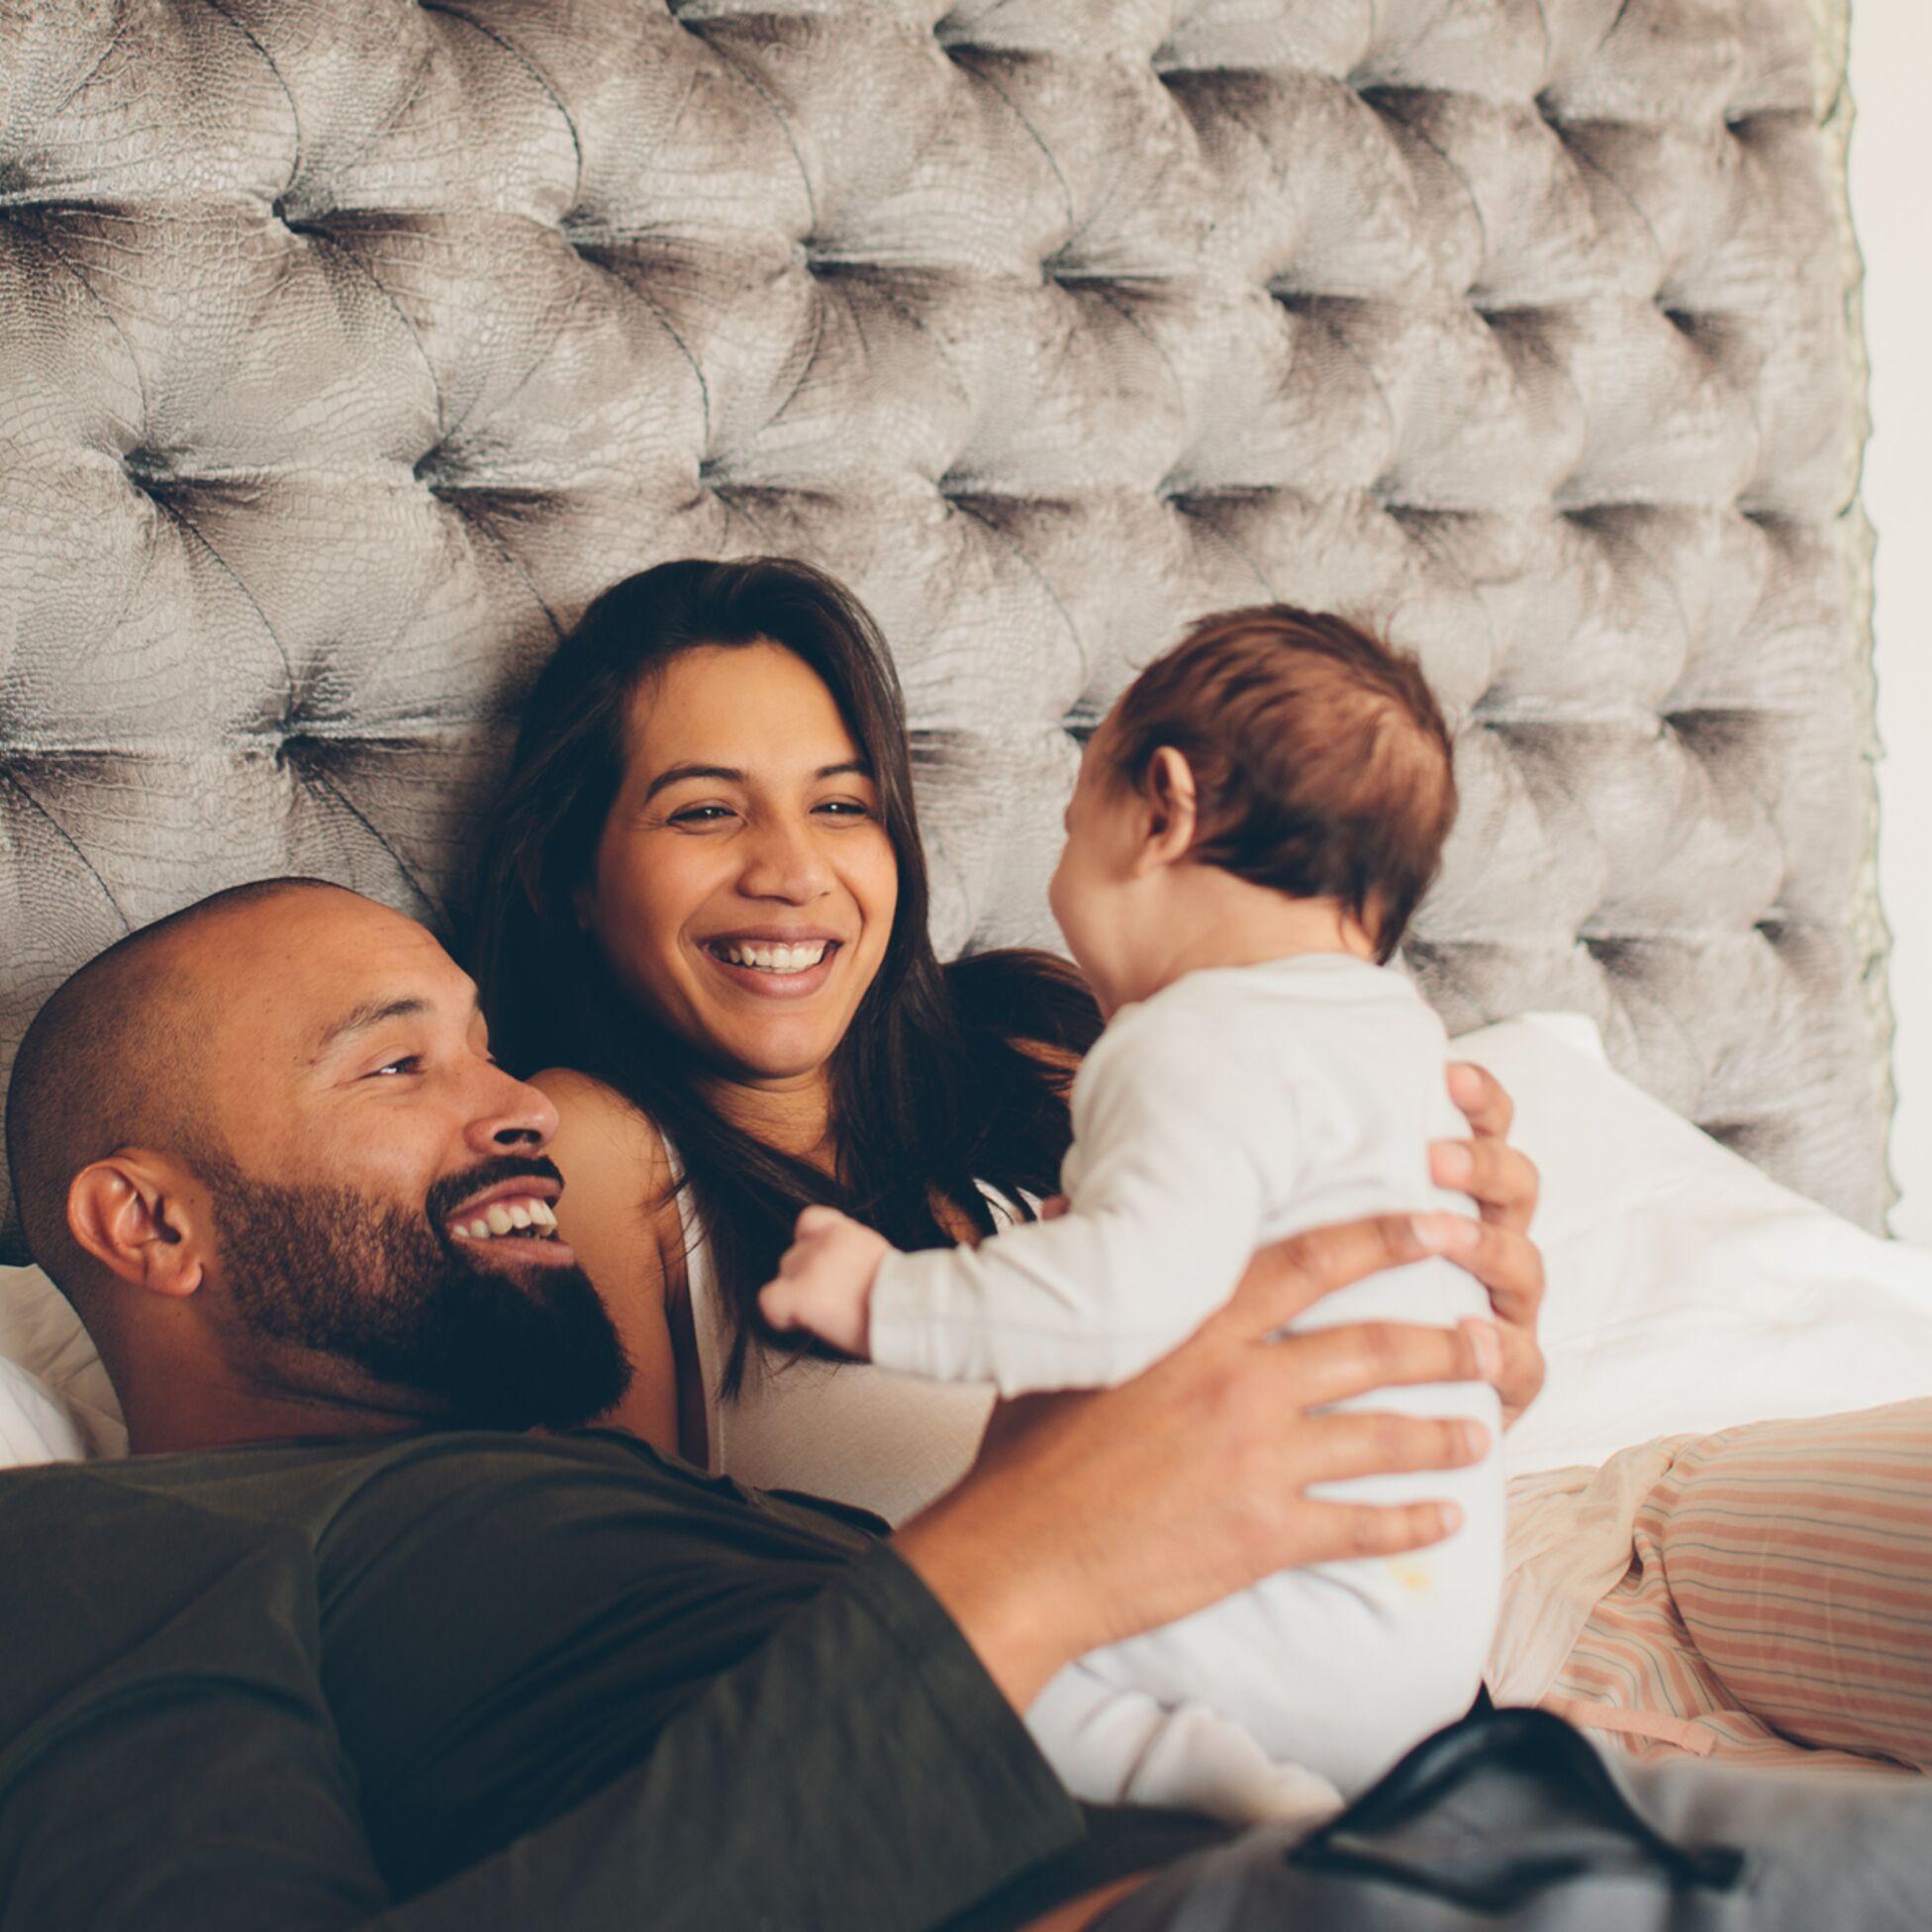 Familie mit Kleinkind im Bett